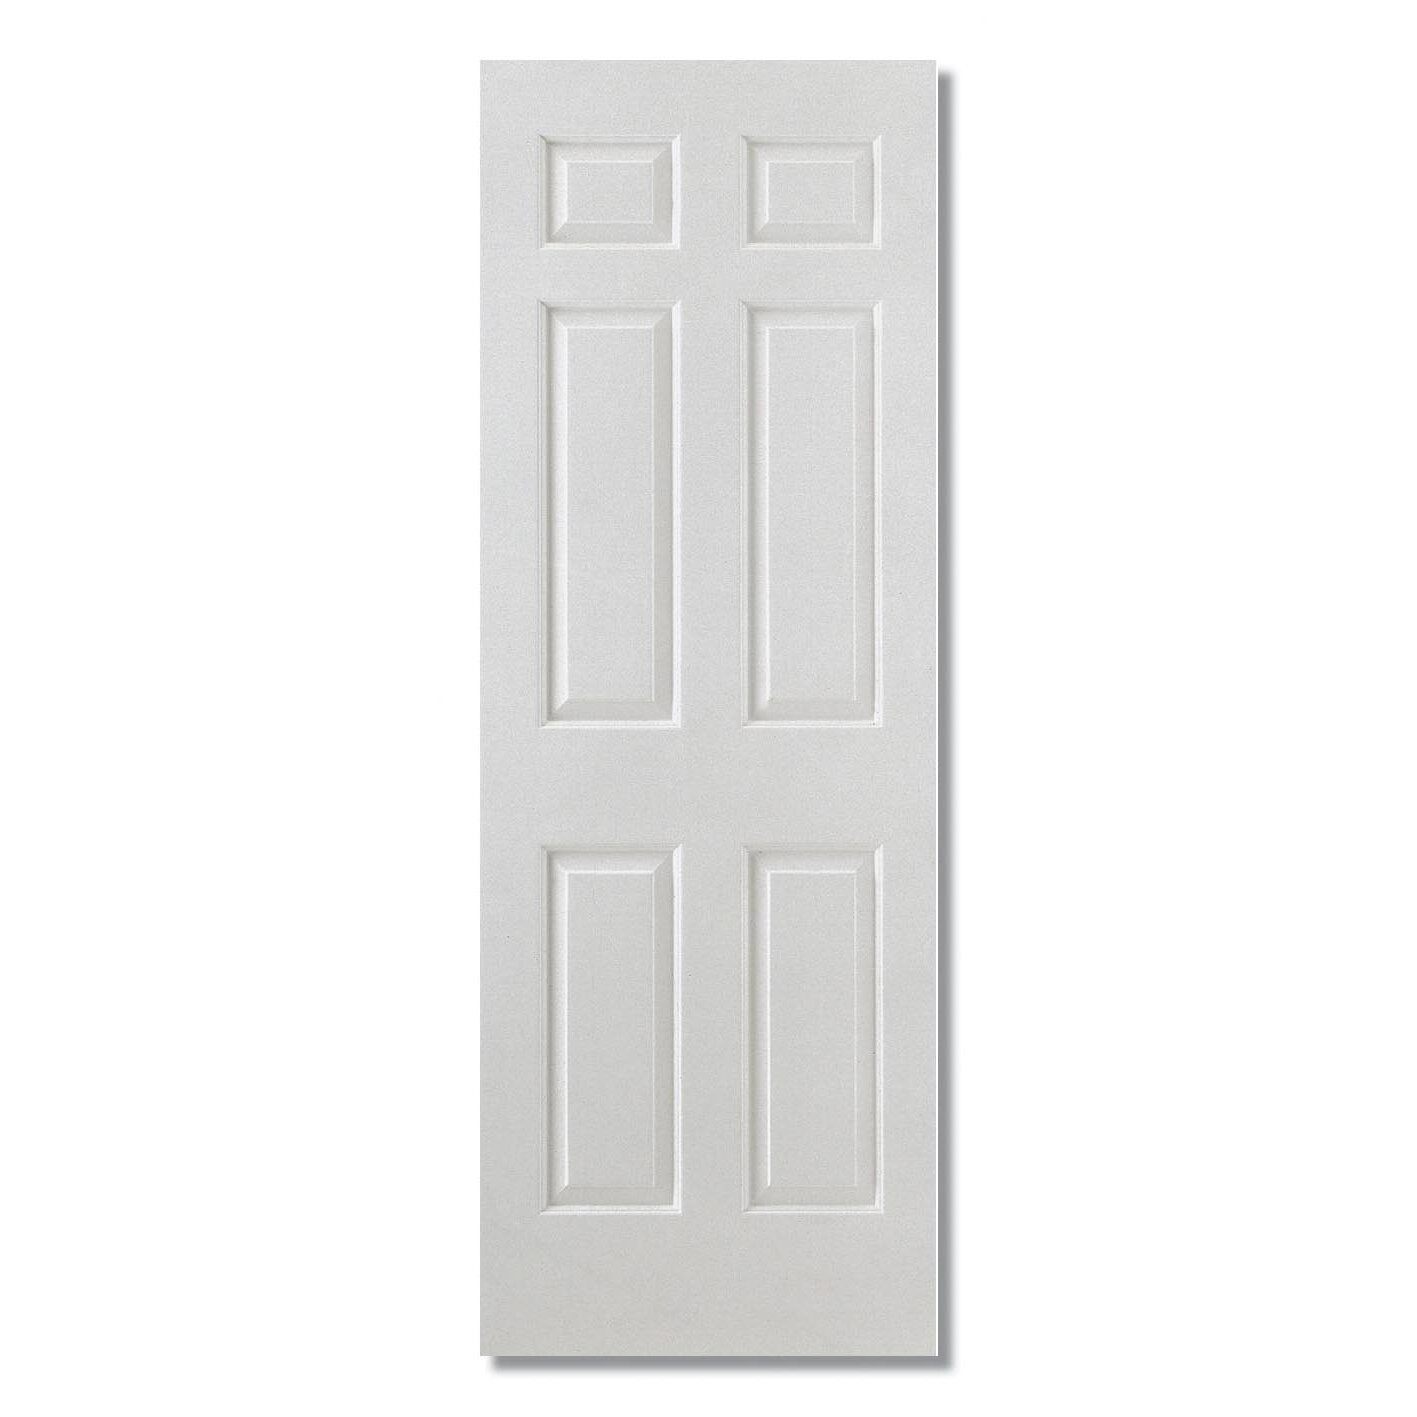 Lpd Doors Mdf 6 Panel White Internal Door Reviews Wayfair Uk